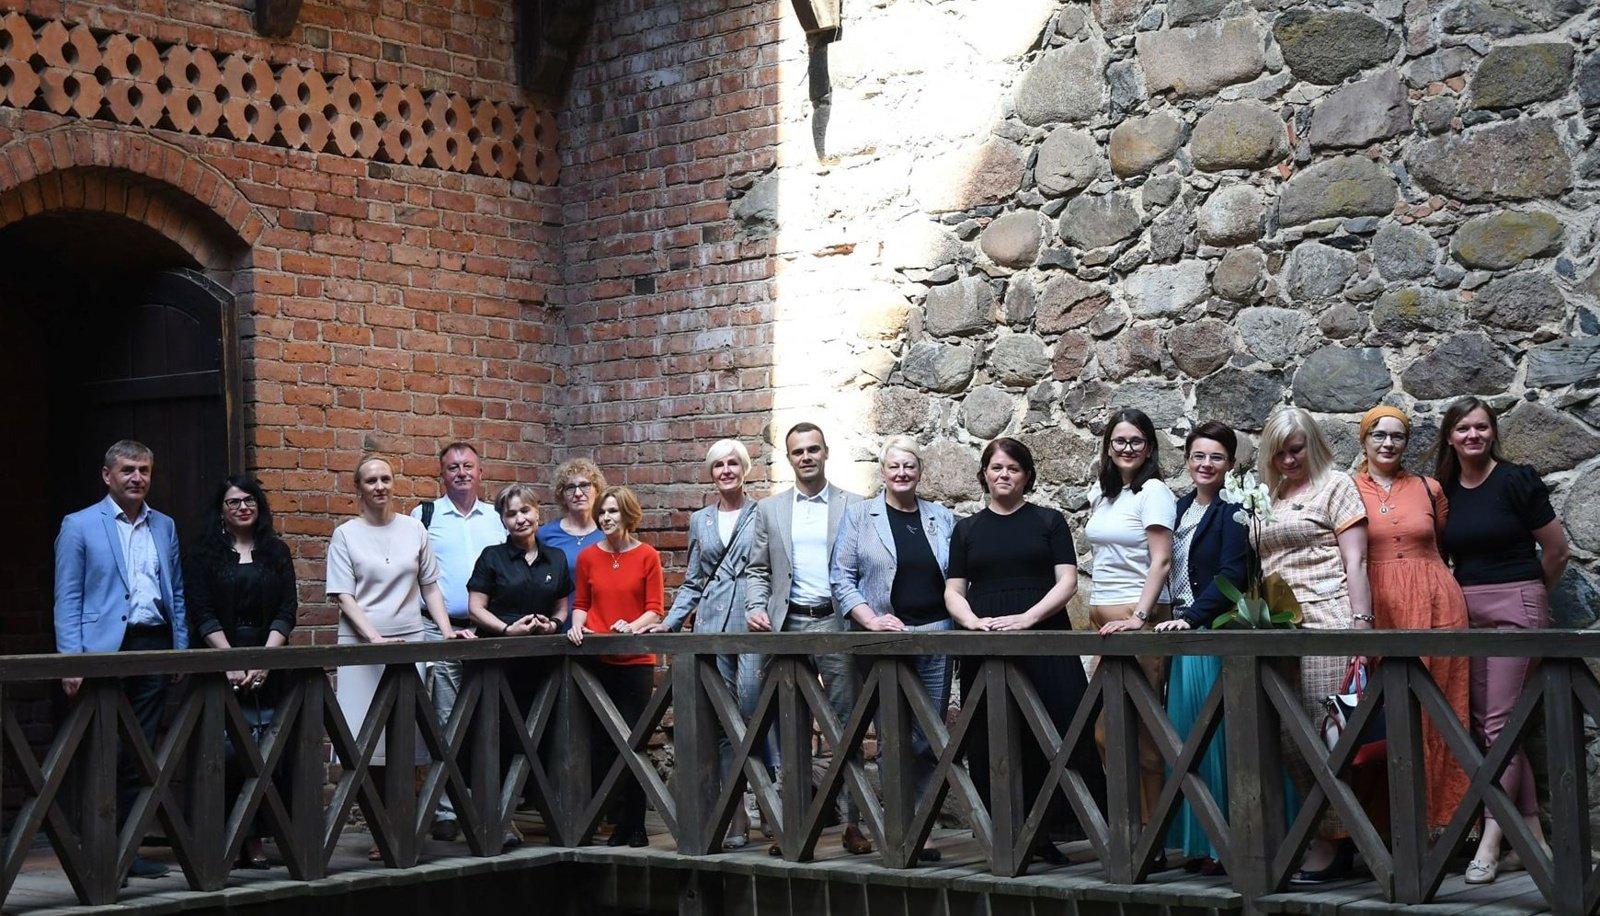 Trakų švietimo įstaigos glaudžiau bendradarbiaus su Trakų istorijos muziejumi